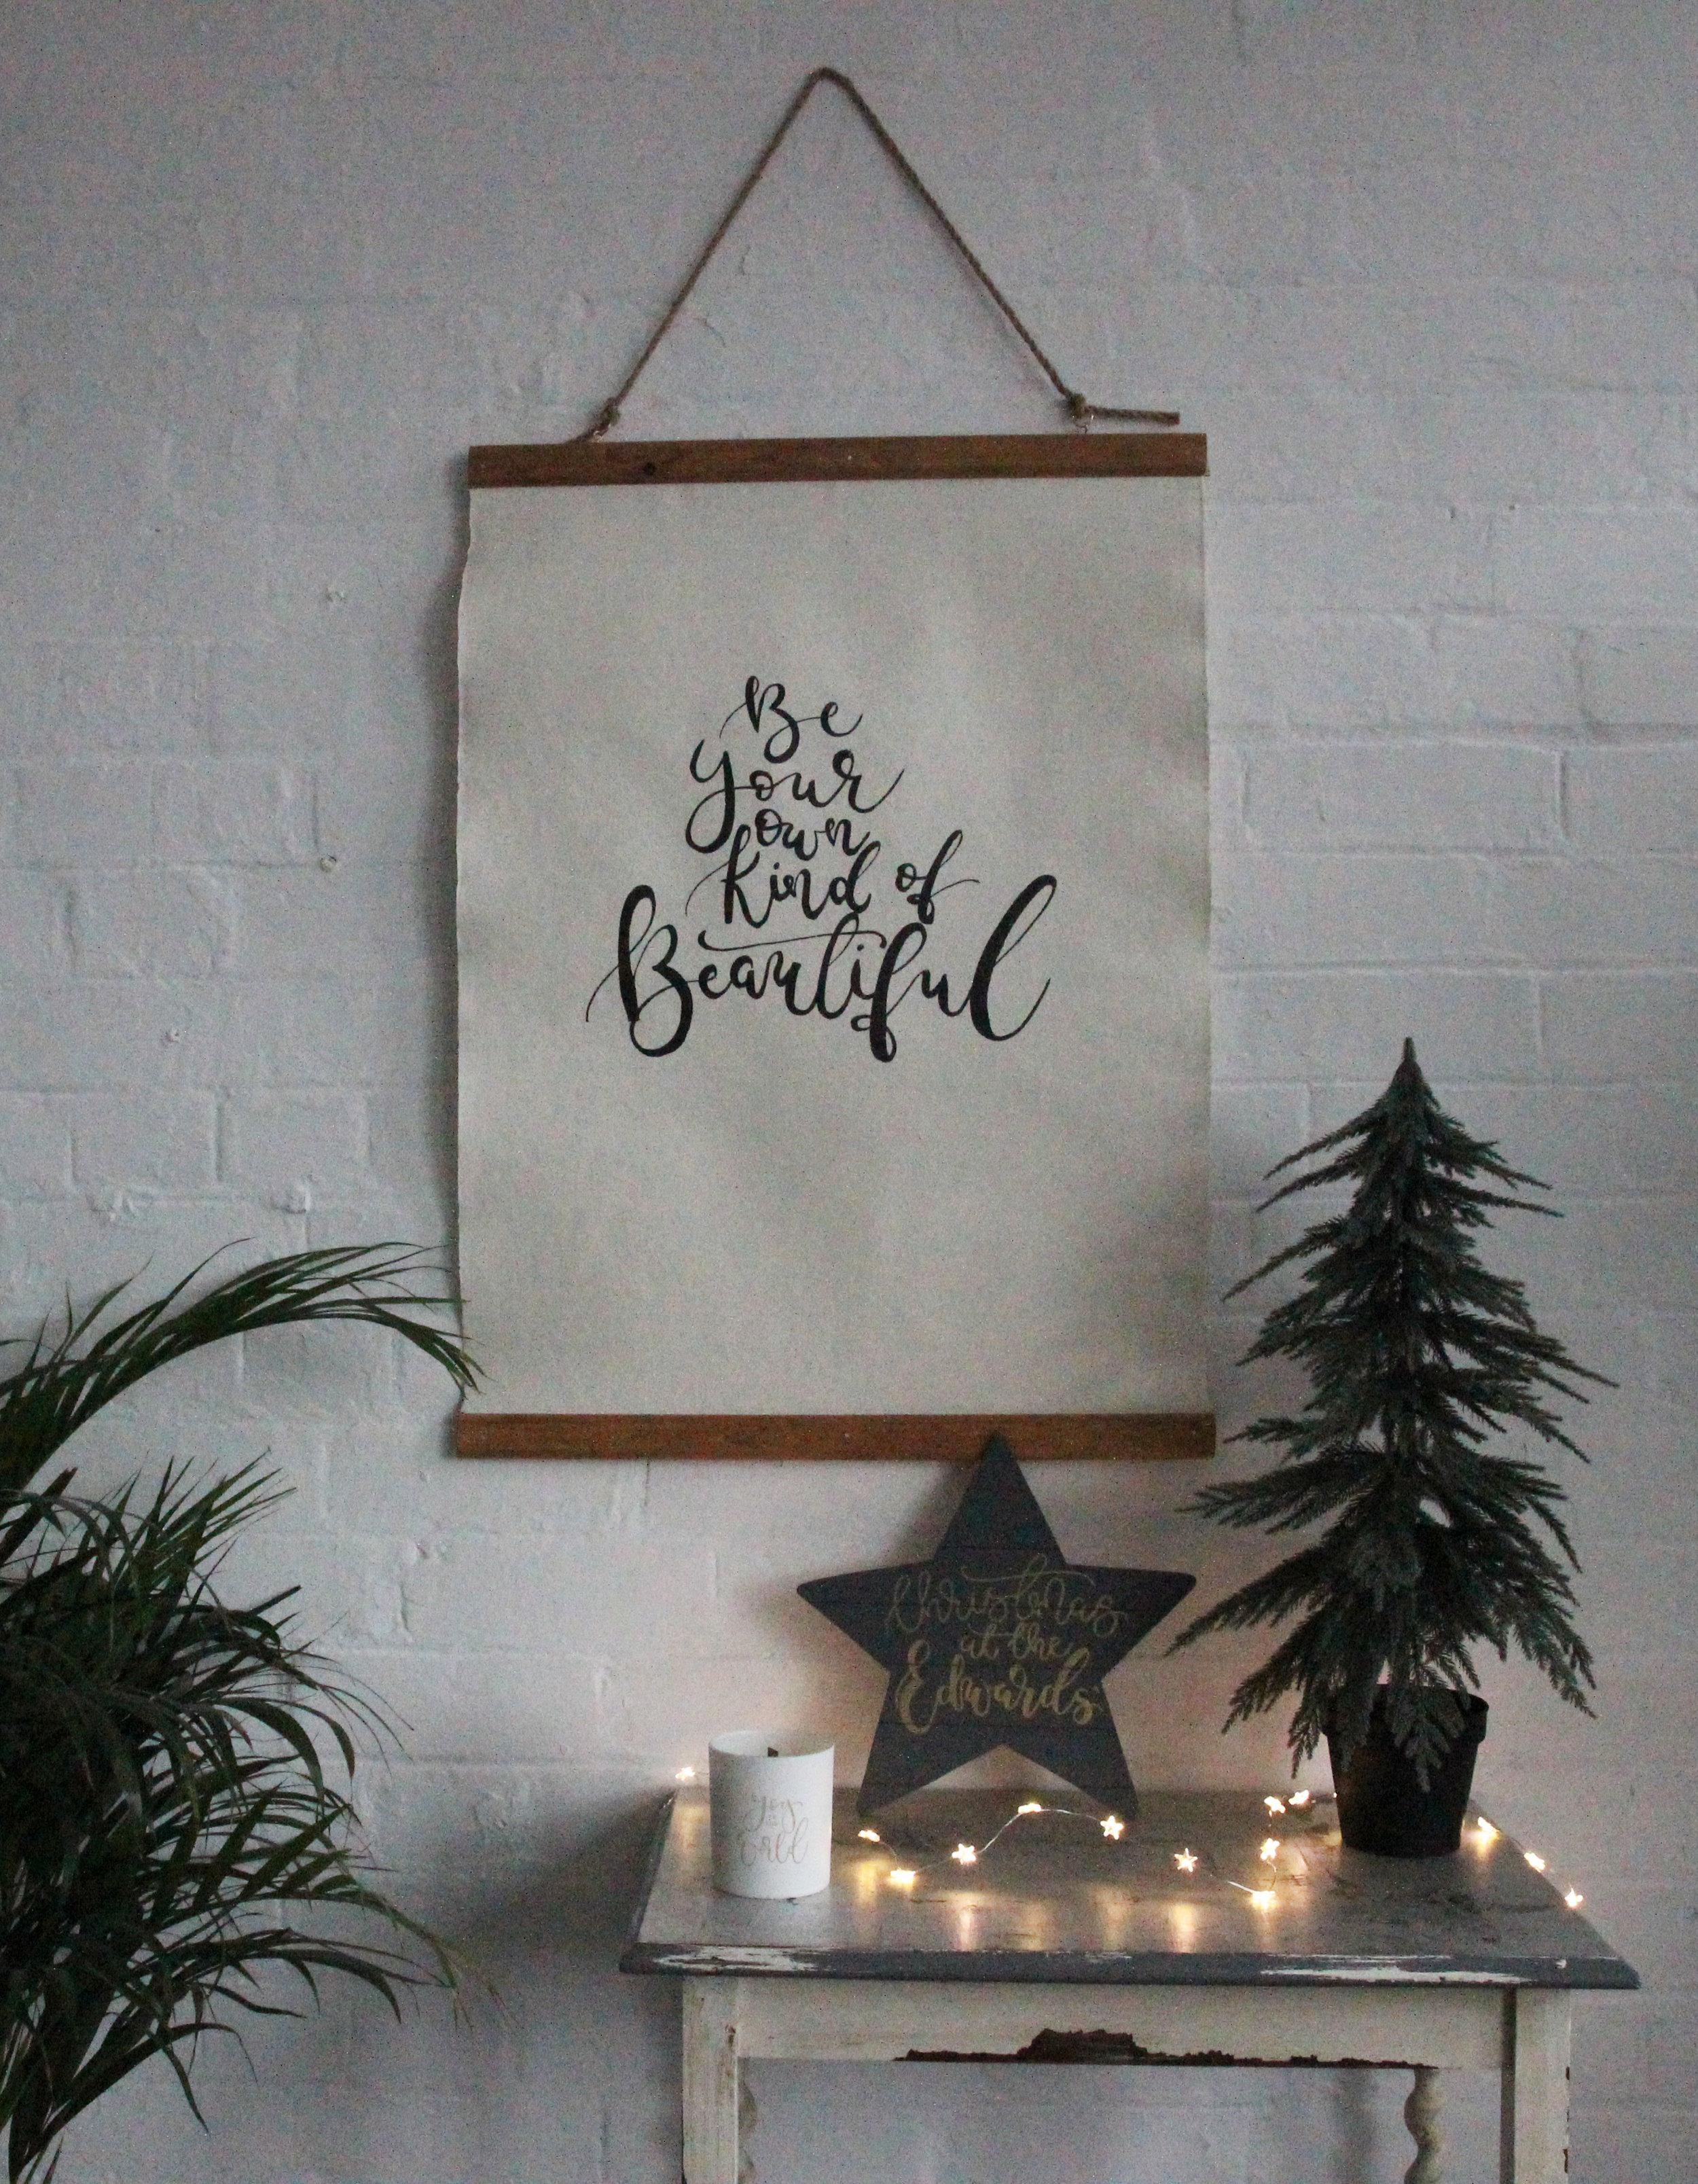 Christmas Home gifts